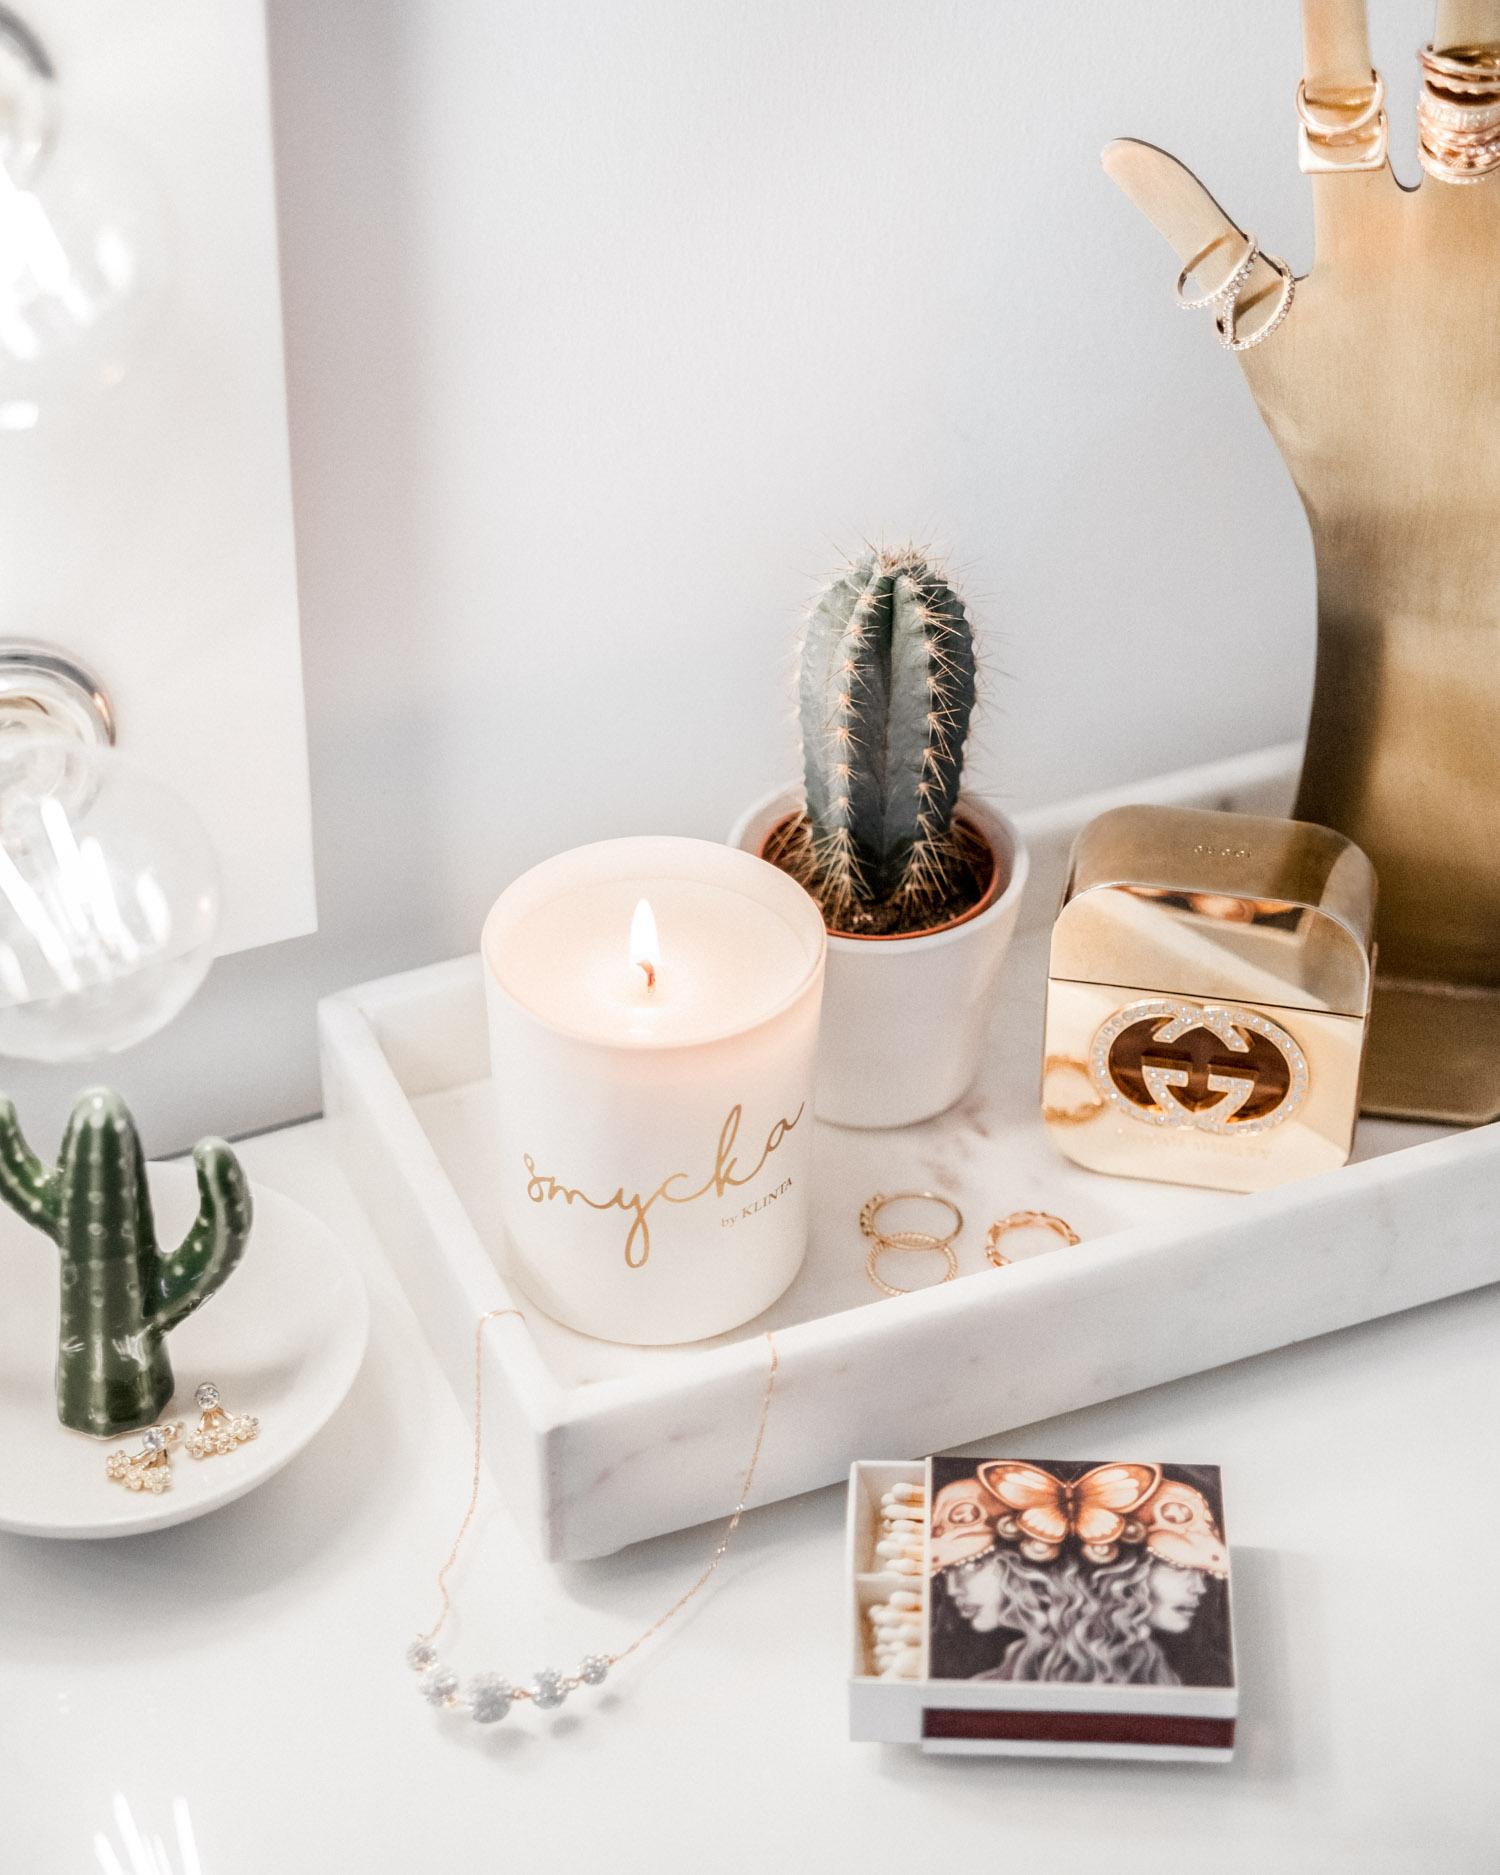 Bästa doftljusen |Smycka by Klinta Bubbel & Rosa Grapefrukt